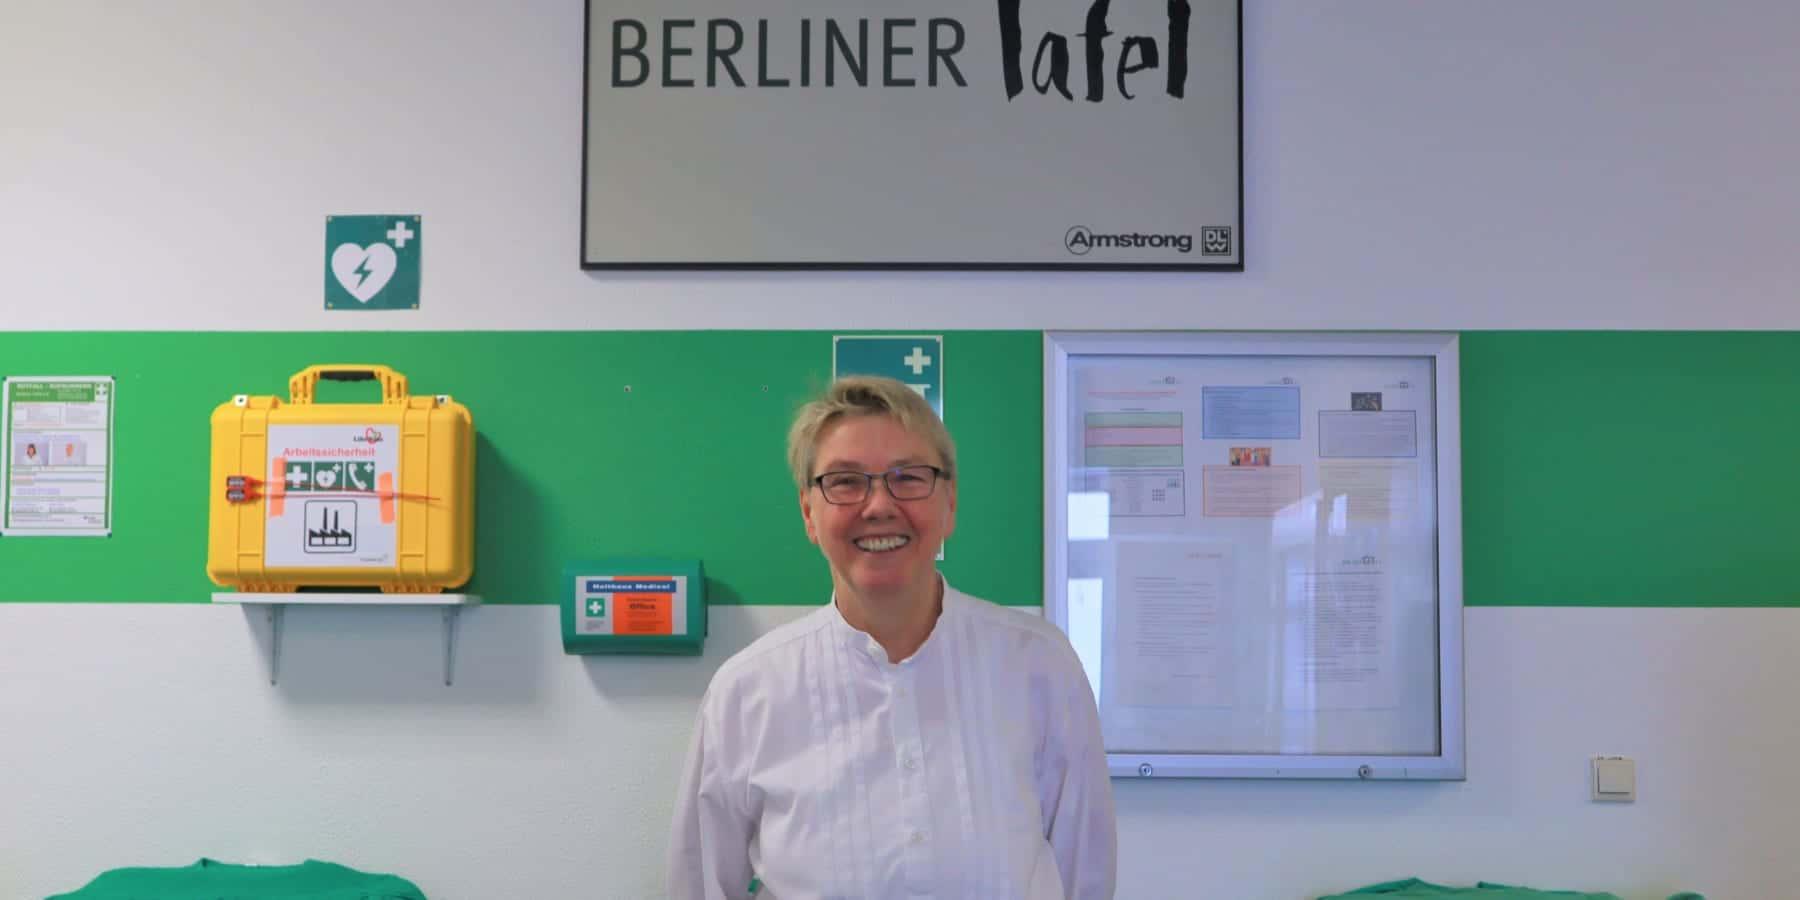 「無料で食を提供」が原則。ドイツ最大の市民団体「Berliner Tafel」